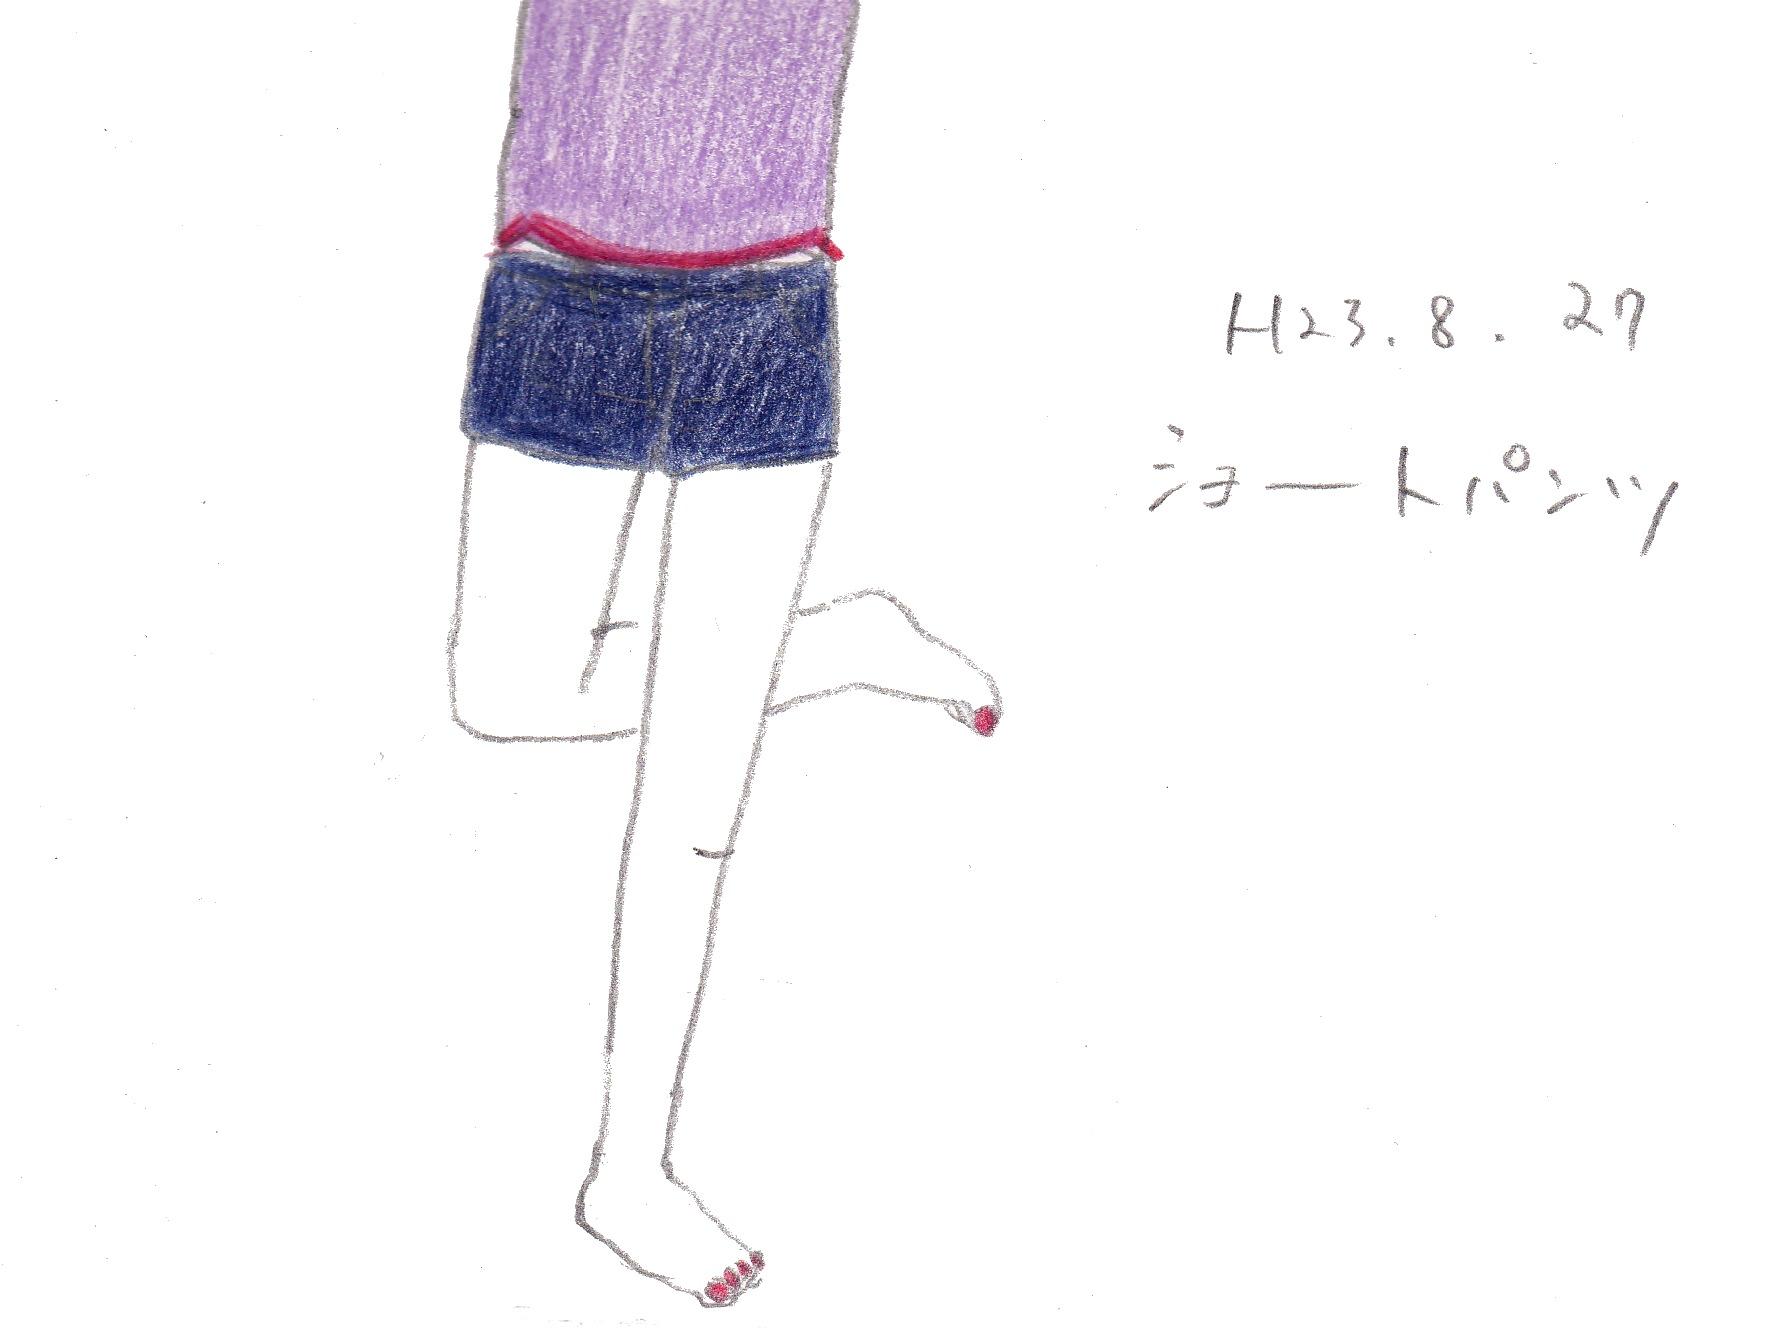 b0226011_0365415.jpg